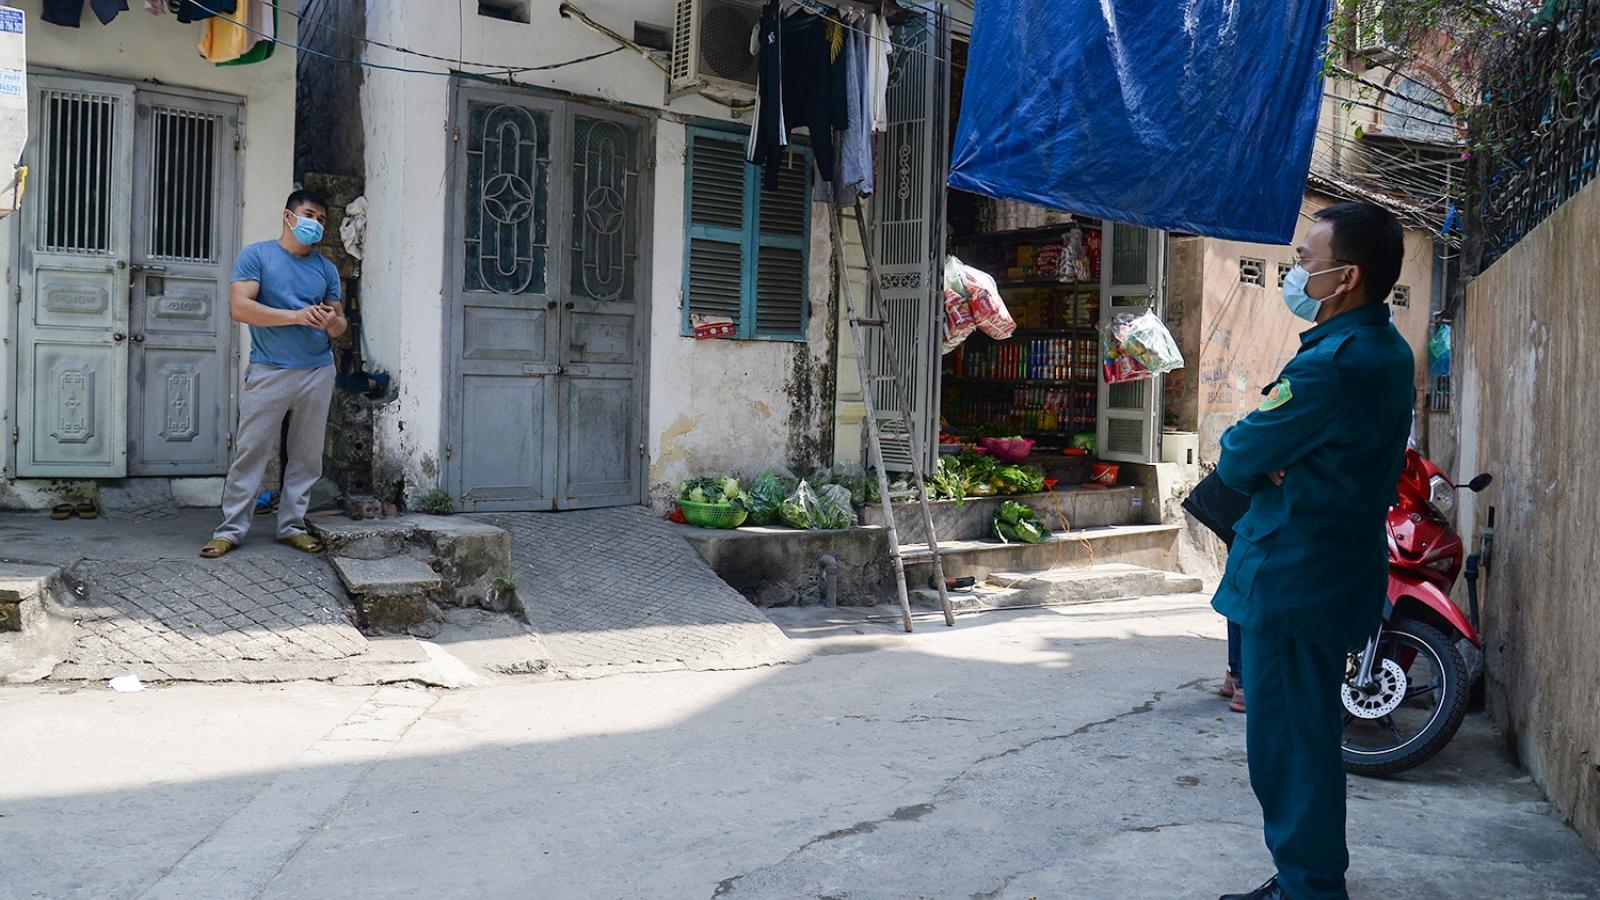 Quảng Ninh: Khai báo y tế toàn dân, cộng đồng chung tay chống dịch